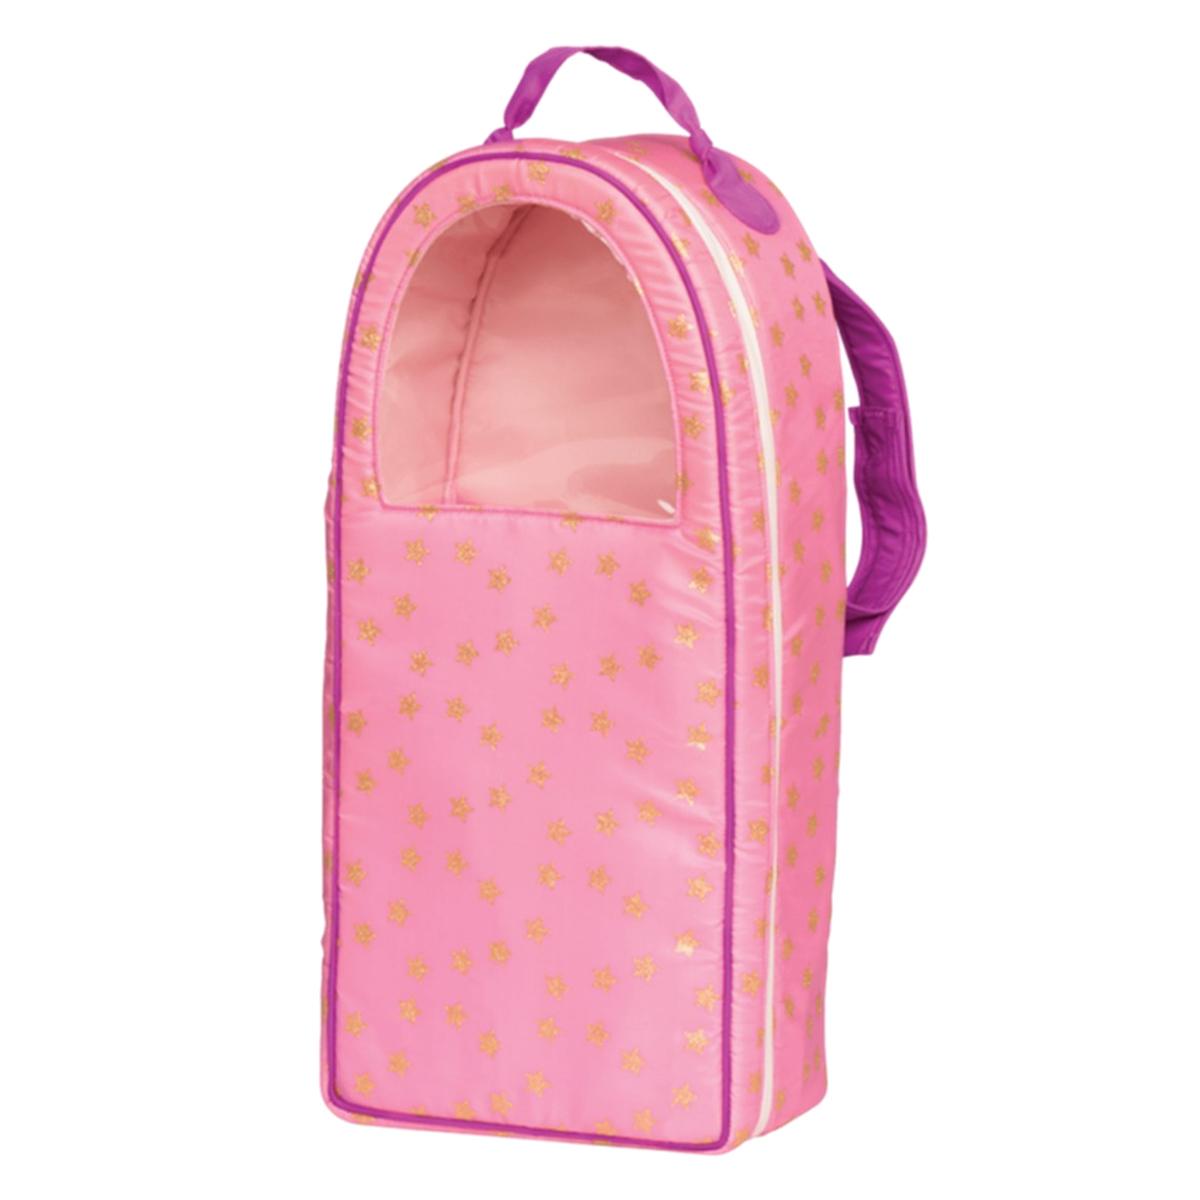 Image of   Our Generation bæretaske til dukke